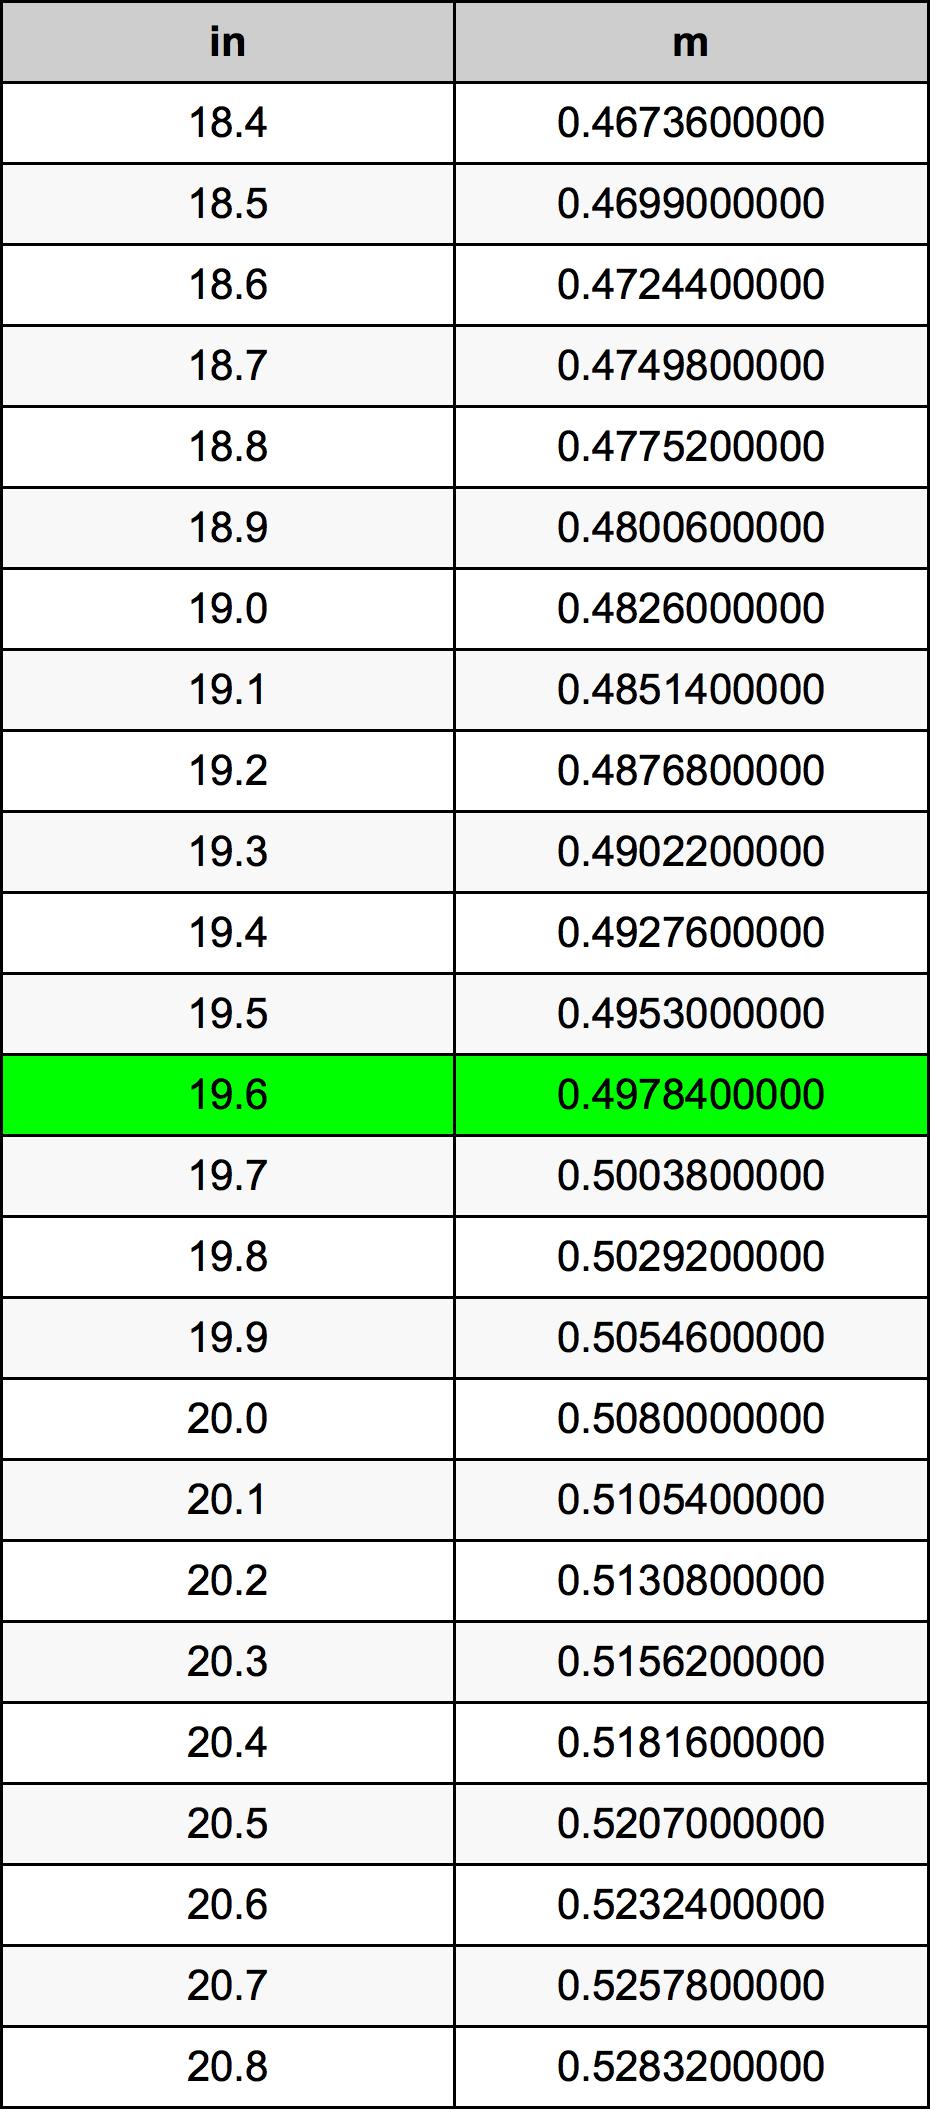 19.6 Polegada tabela de conversão